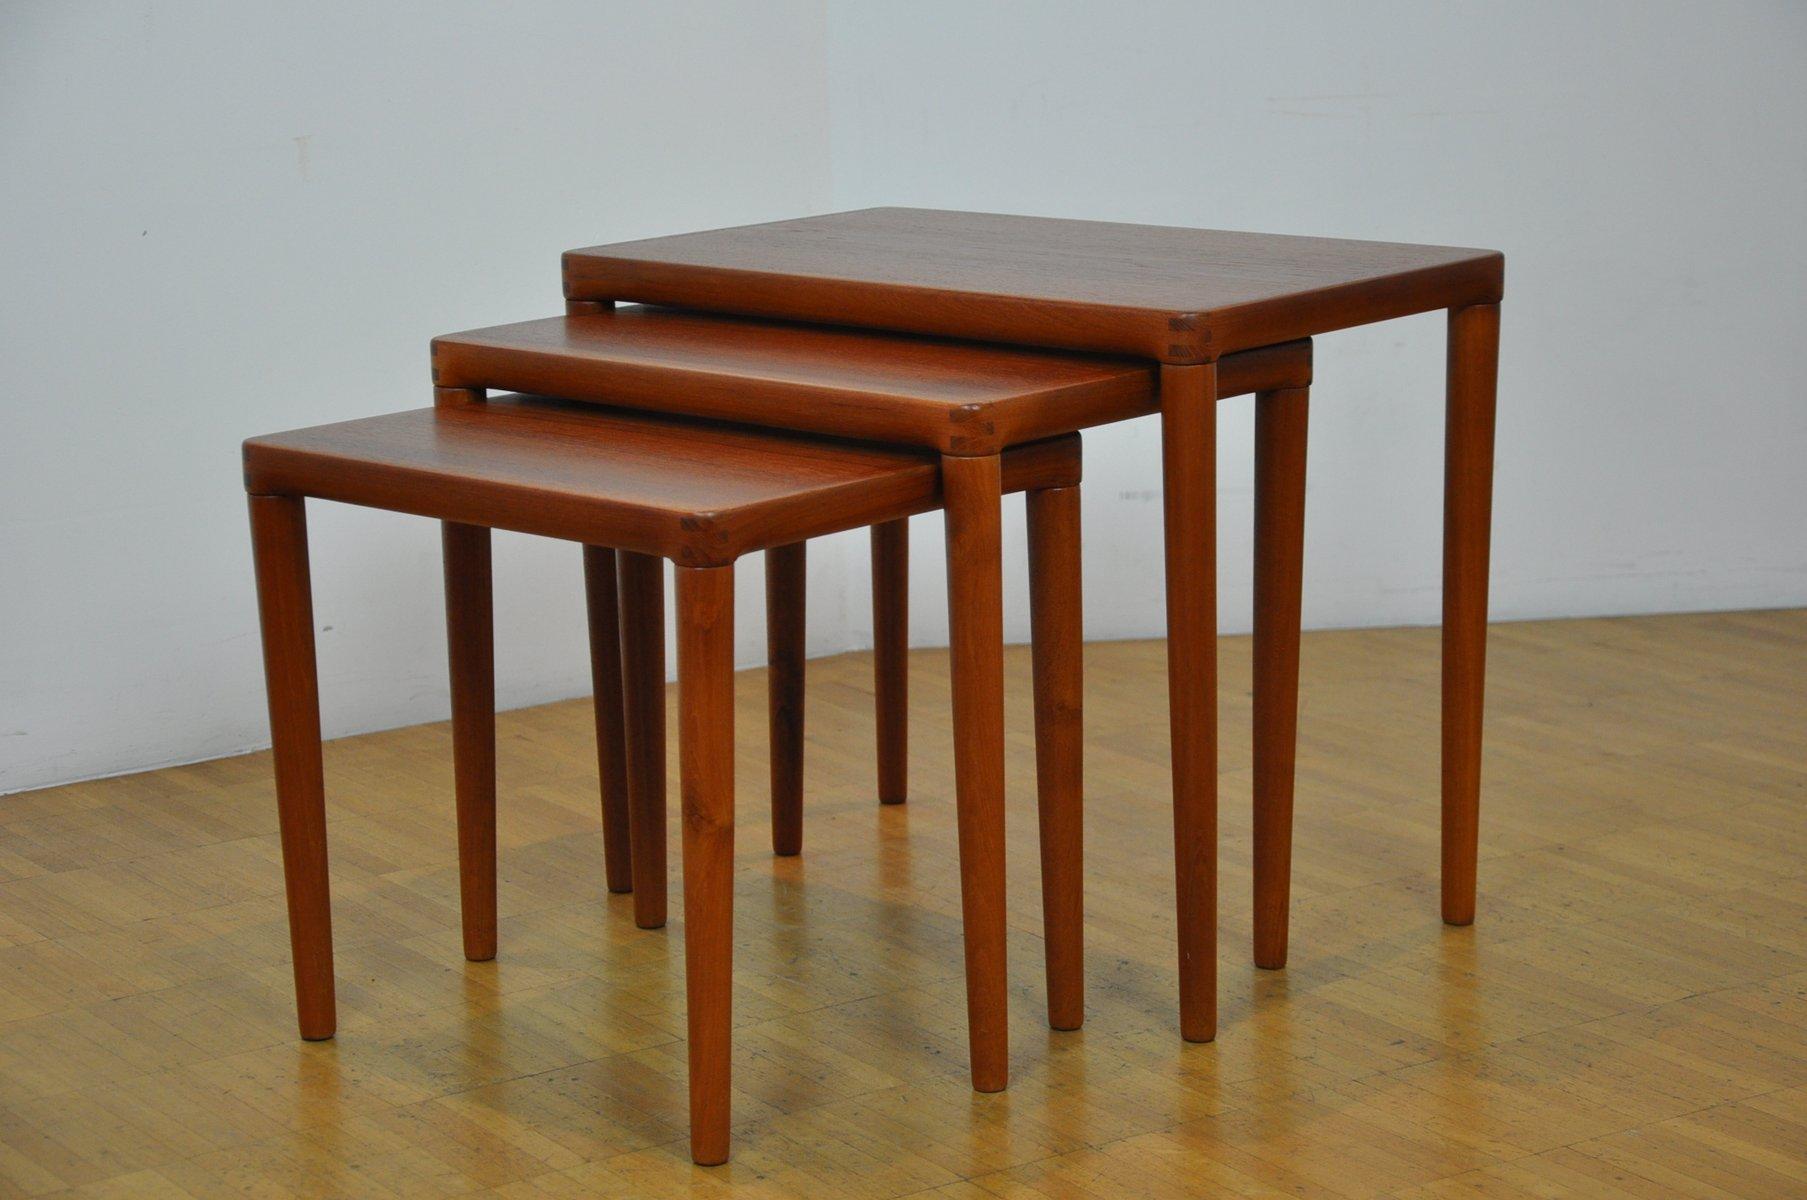 Danish Nesting Tables By Hw Klein For Bramin 1960s For Sale At Pamono Danish  Nesting Tables ...